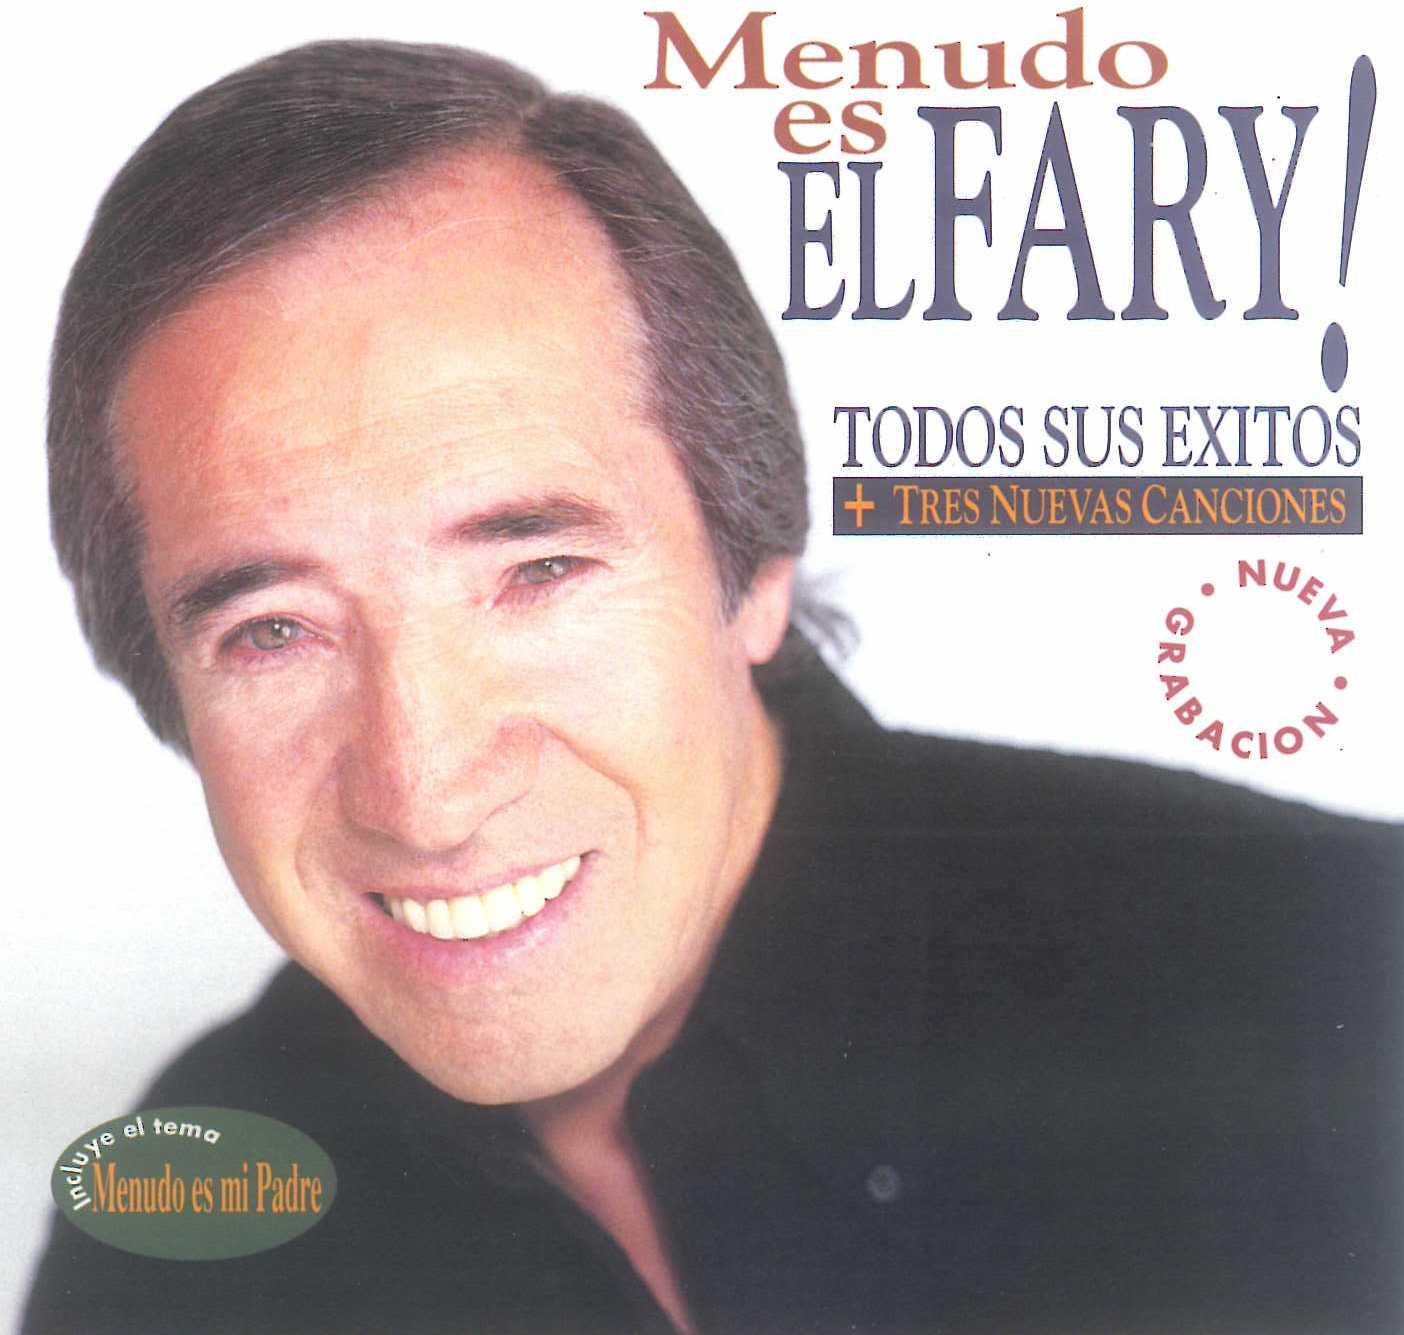 Menudo es El Fary